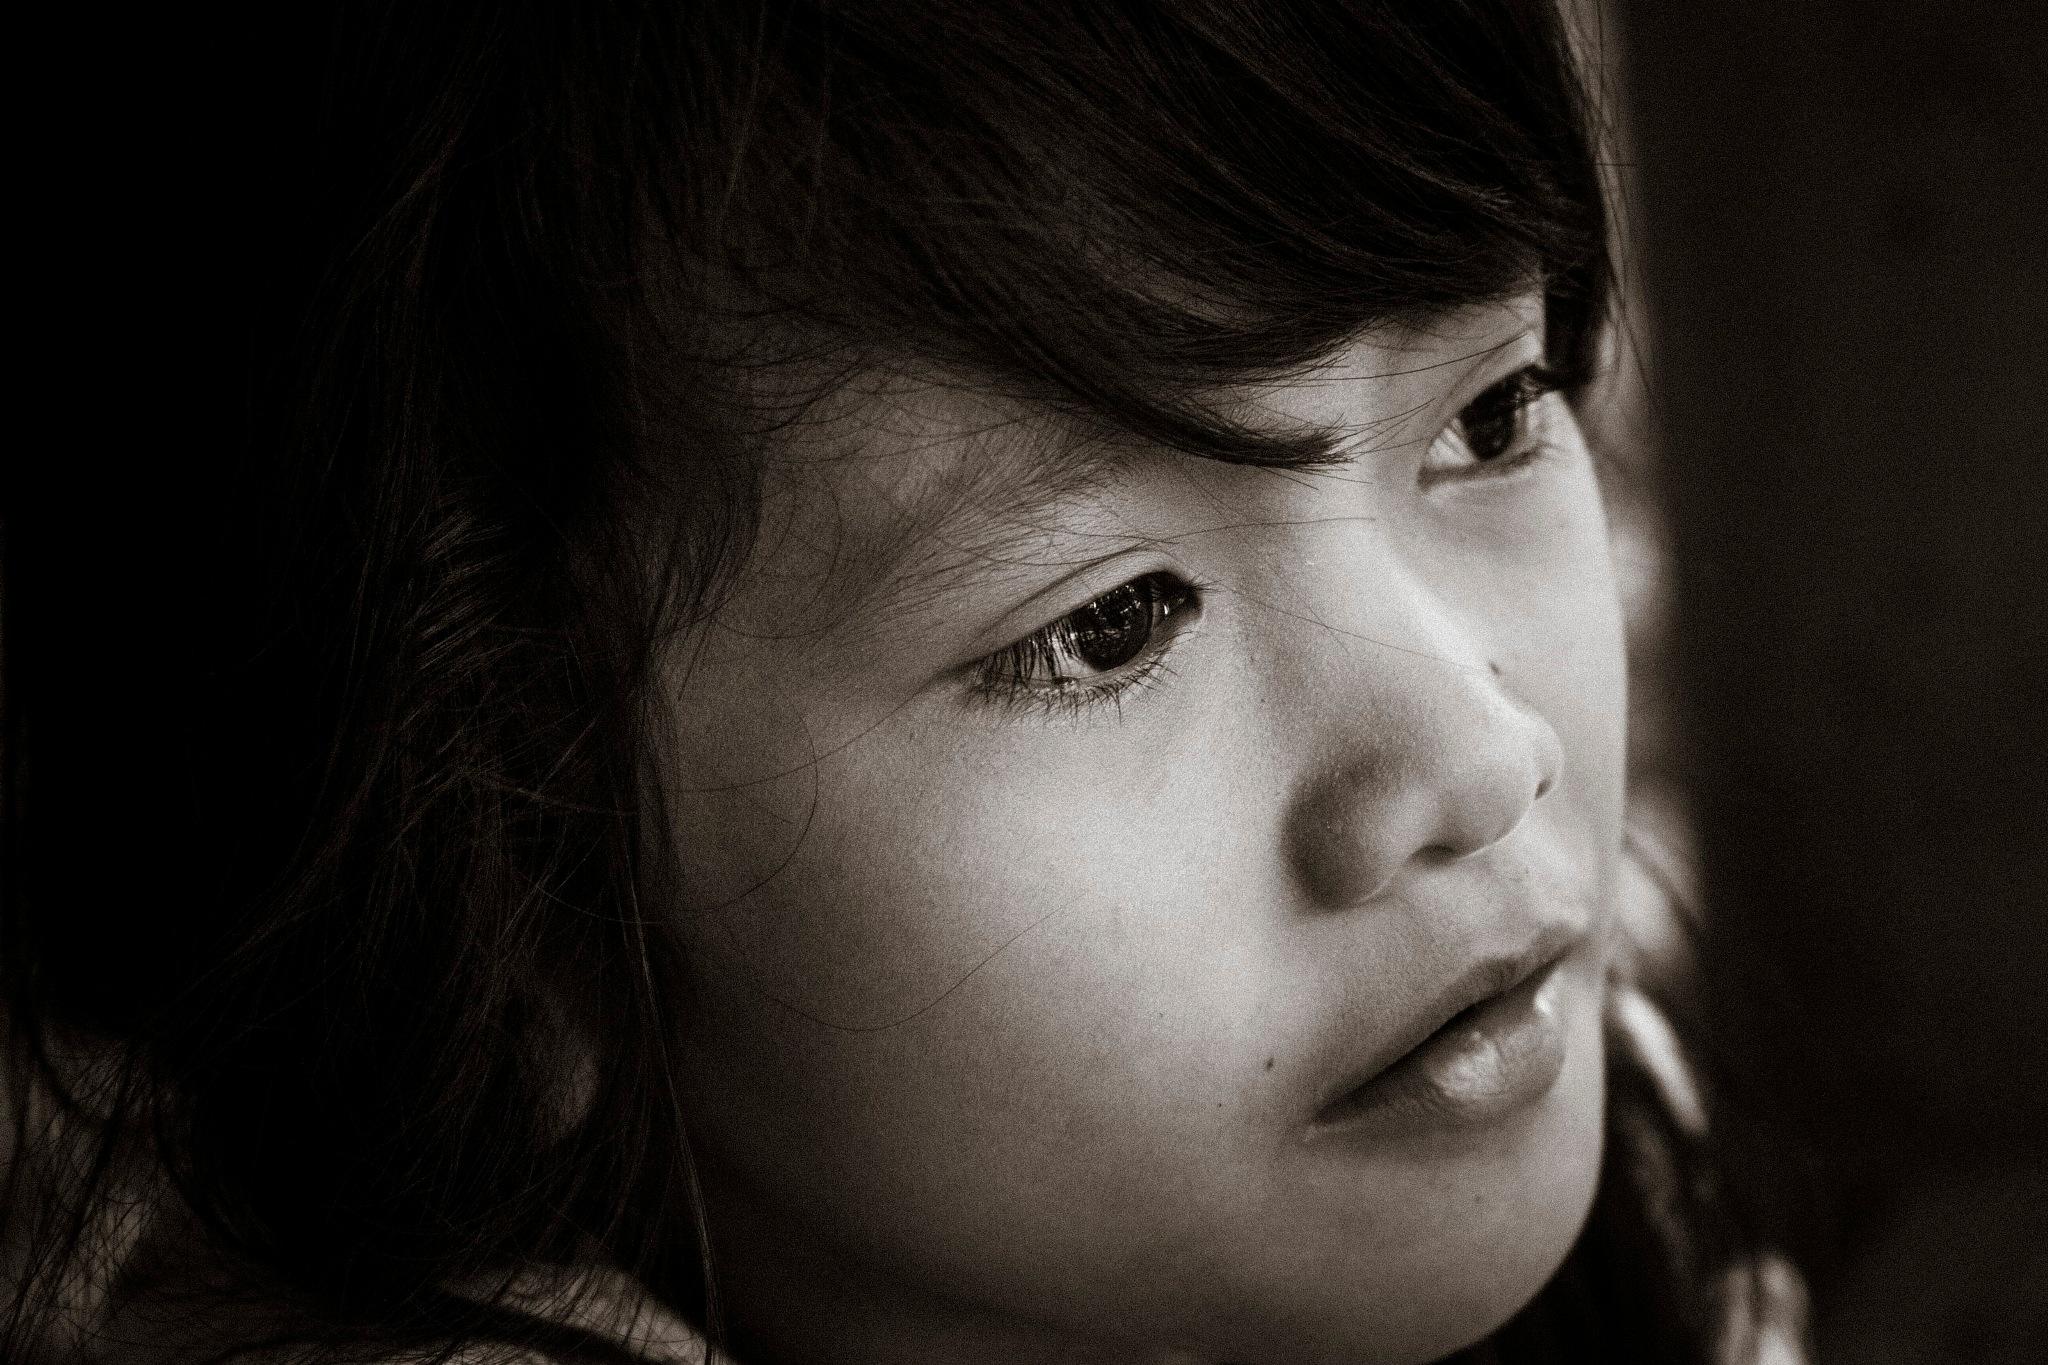 カンボジアの肖像20180522B by wwfax photography